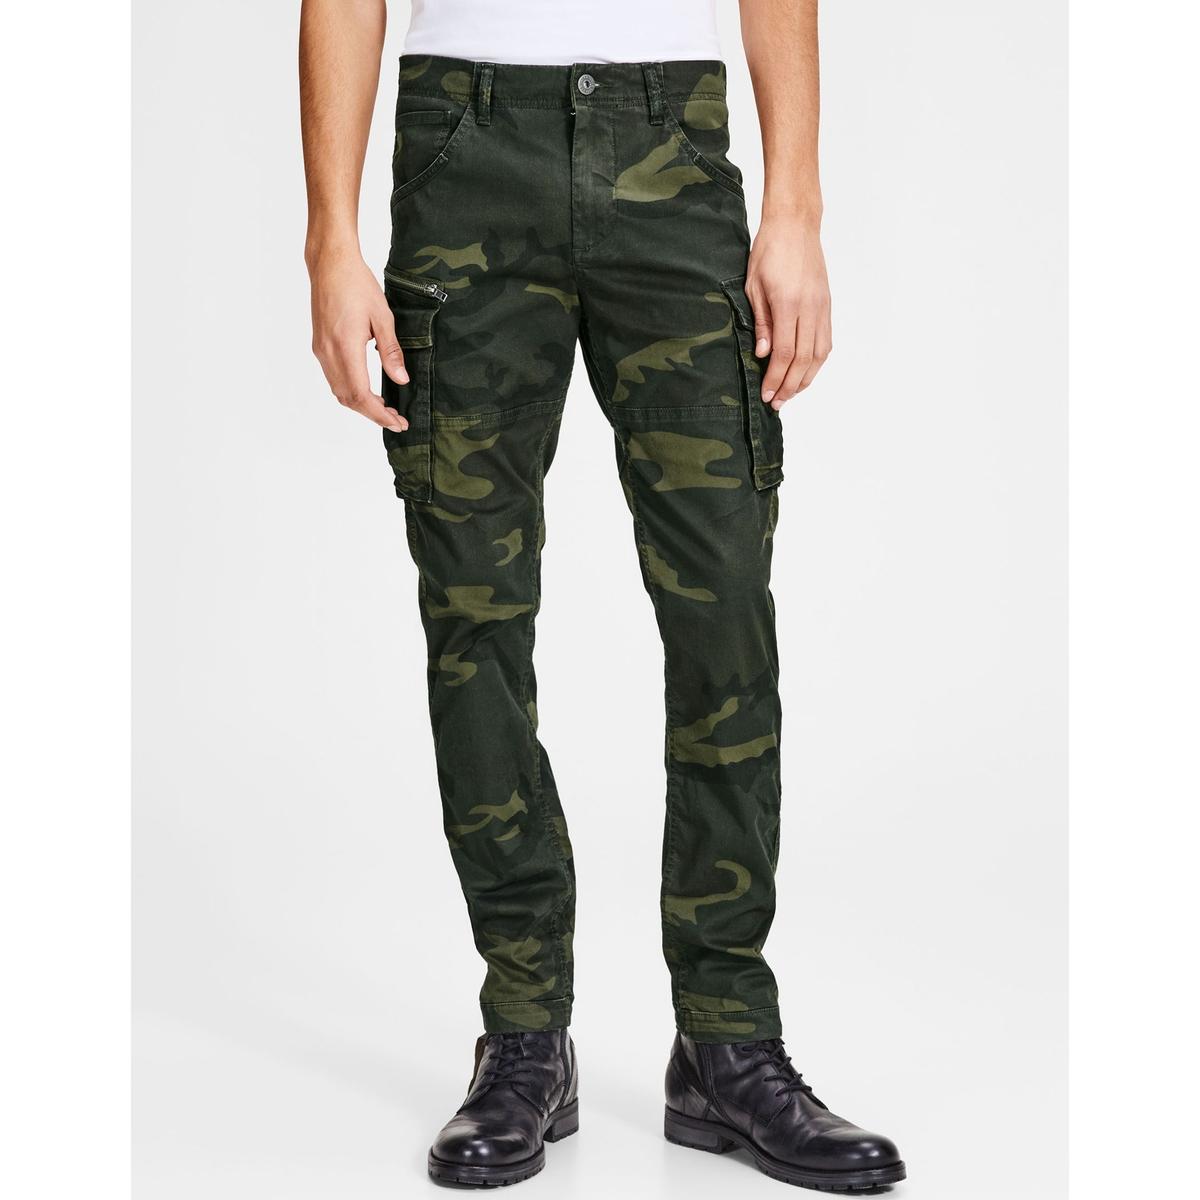 Pantaloni cargo, fantasia mimetica, taglio slim, stretch